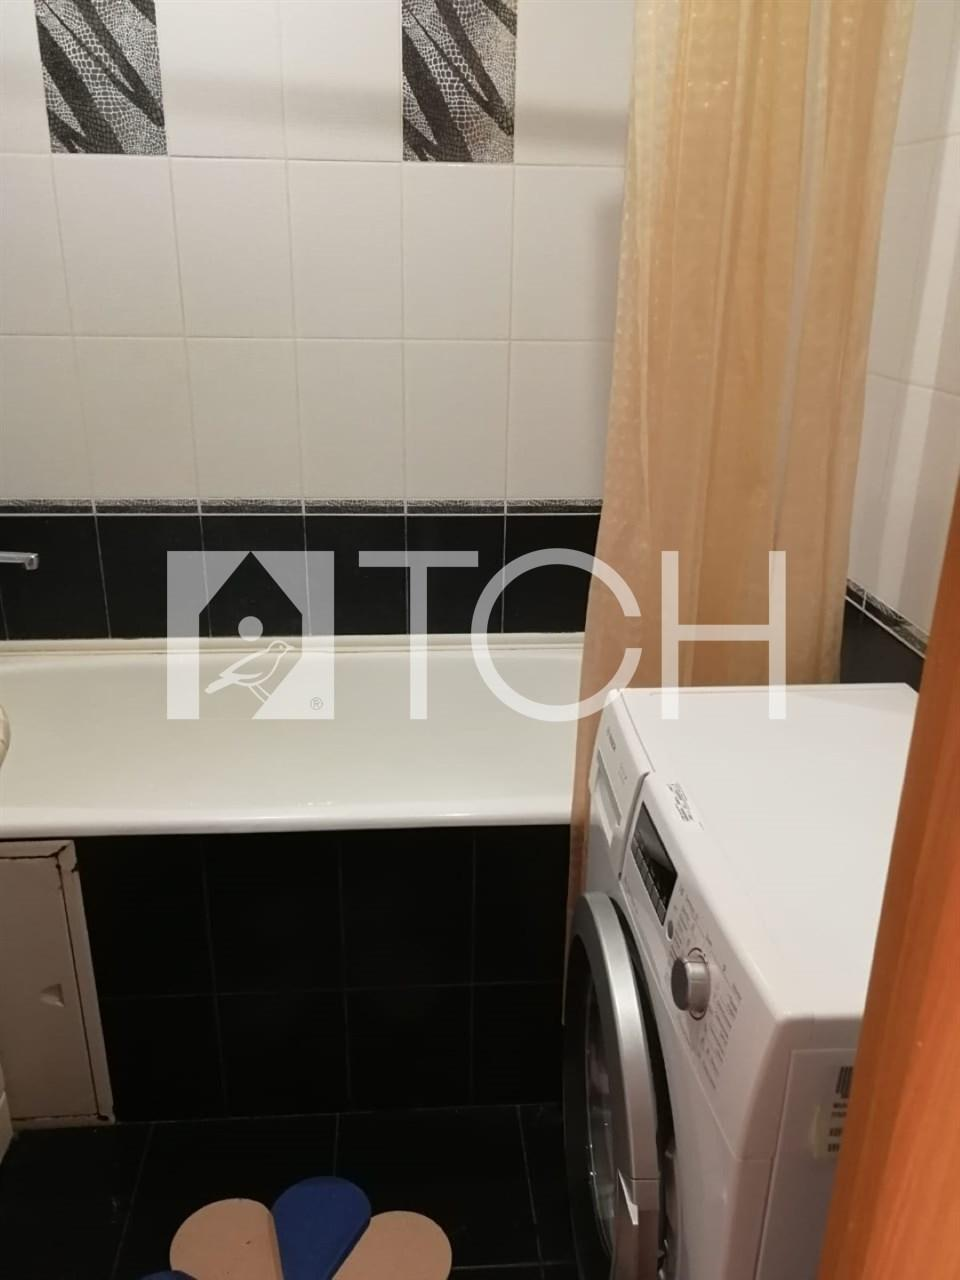 Apartment, 1 room, 35 m2 in Shchyolkovo 89261425000 buy 9